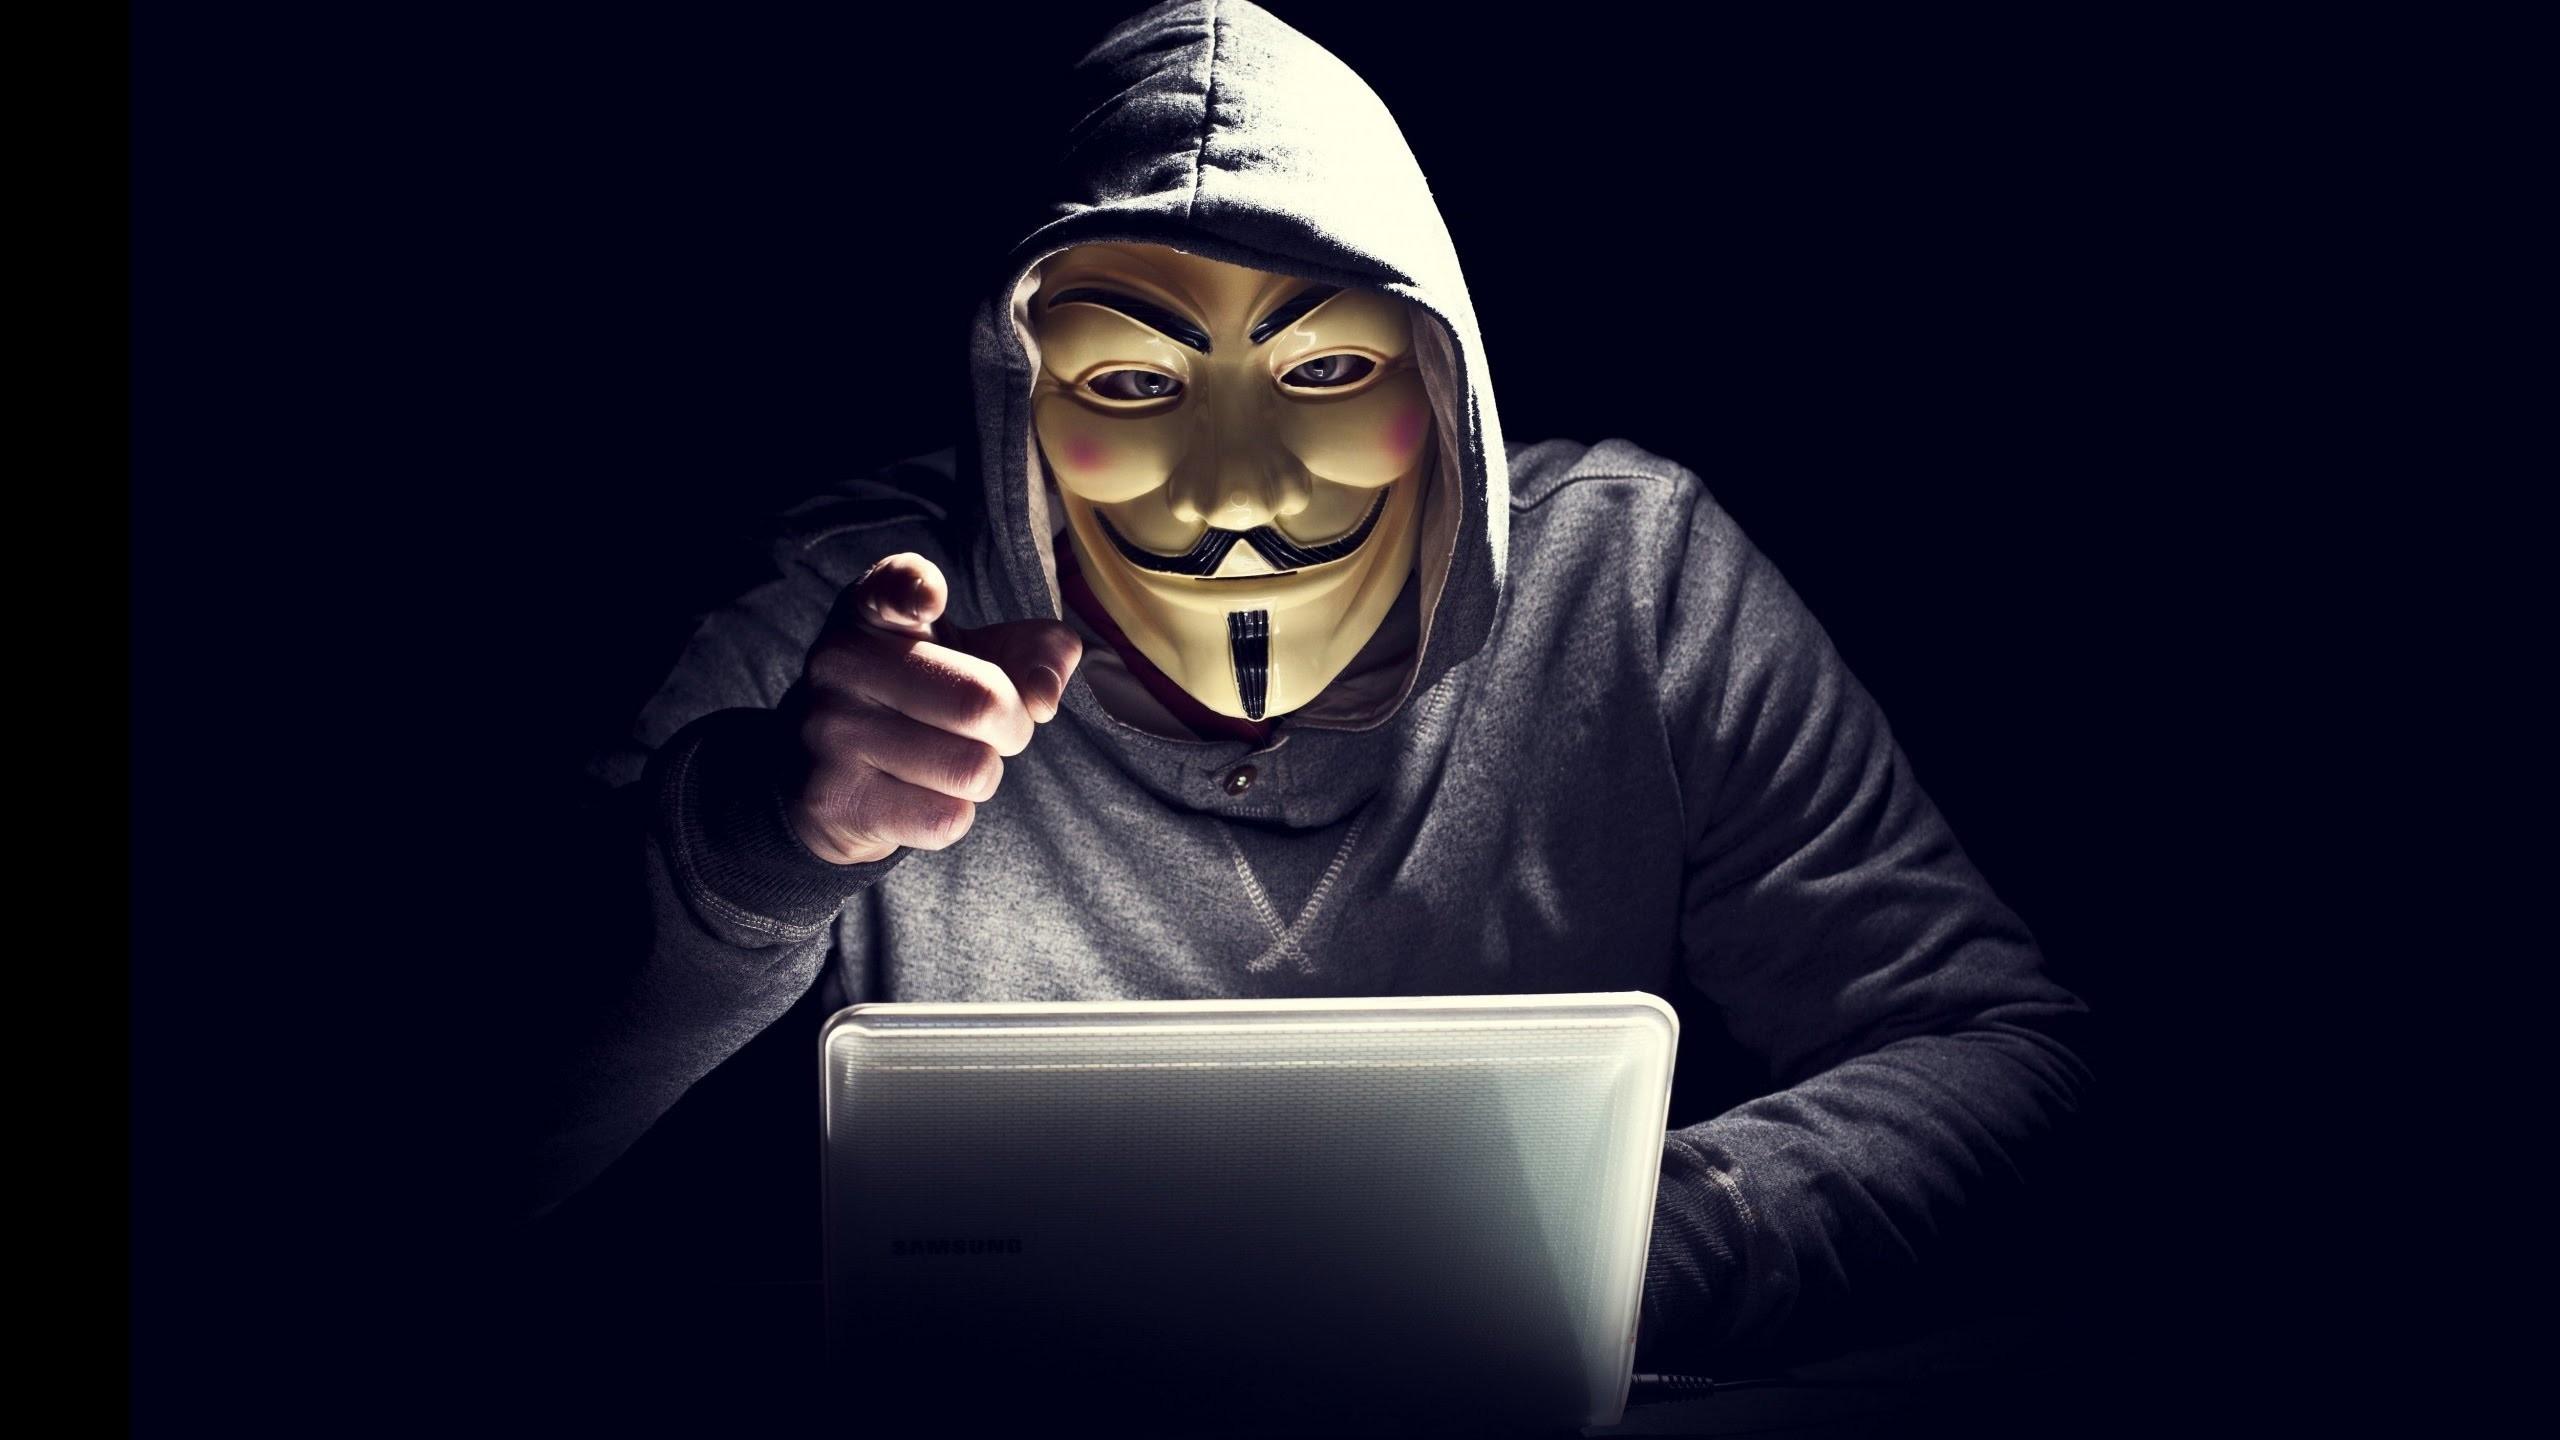 Дональд Трамп обеспокоен вопросами кибер безопасности